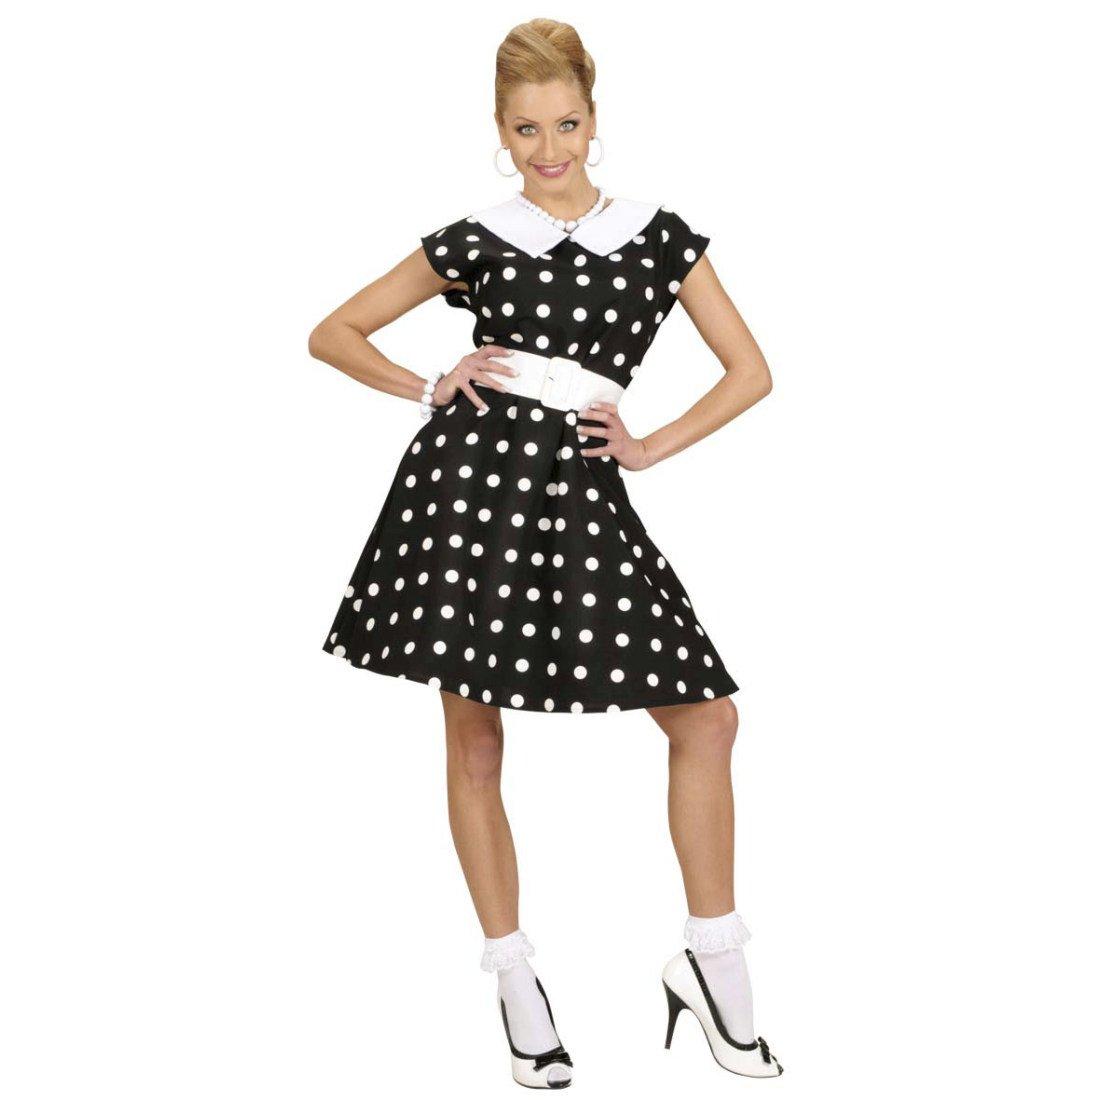 NET TOYS Robe années 50 Déguisement Rockabilly Noir et Blanc à Pois S 36 38  Costume Femme Rockabella Habits Mode 1950 vêtements de défilé pin-up  Mascarade ... 37d35d6f0915